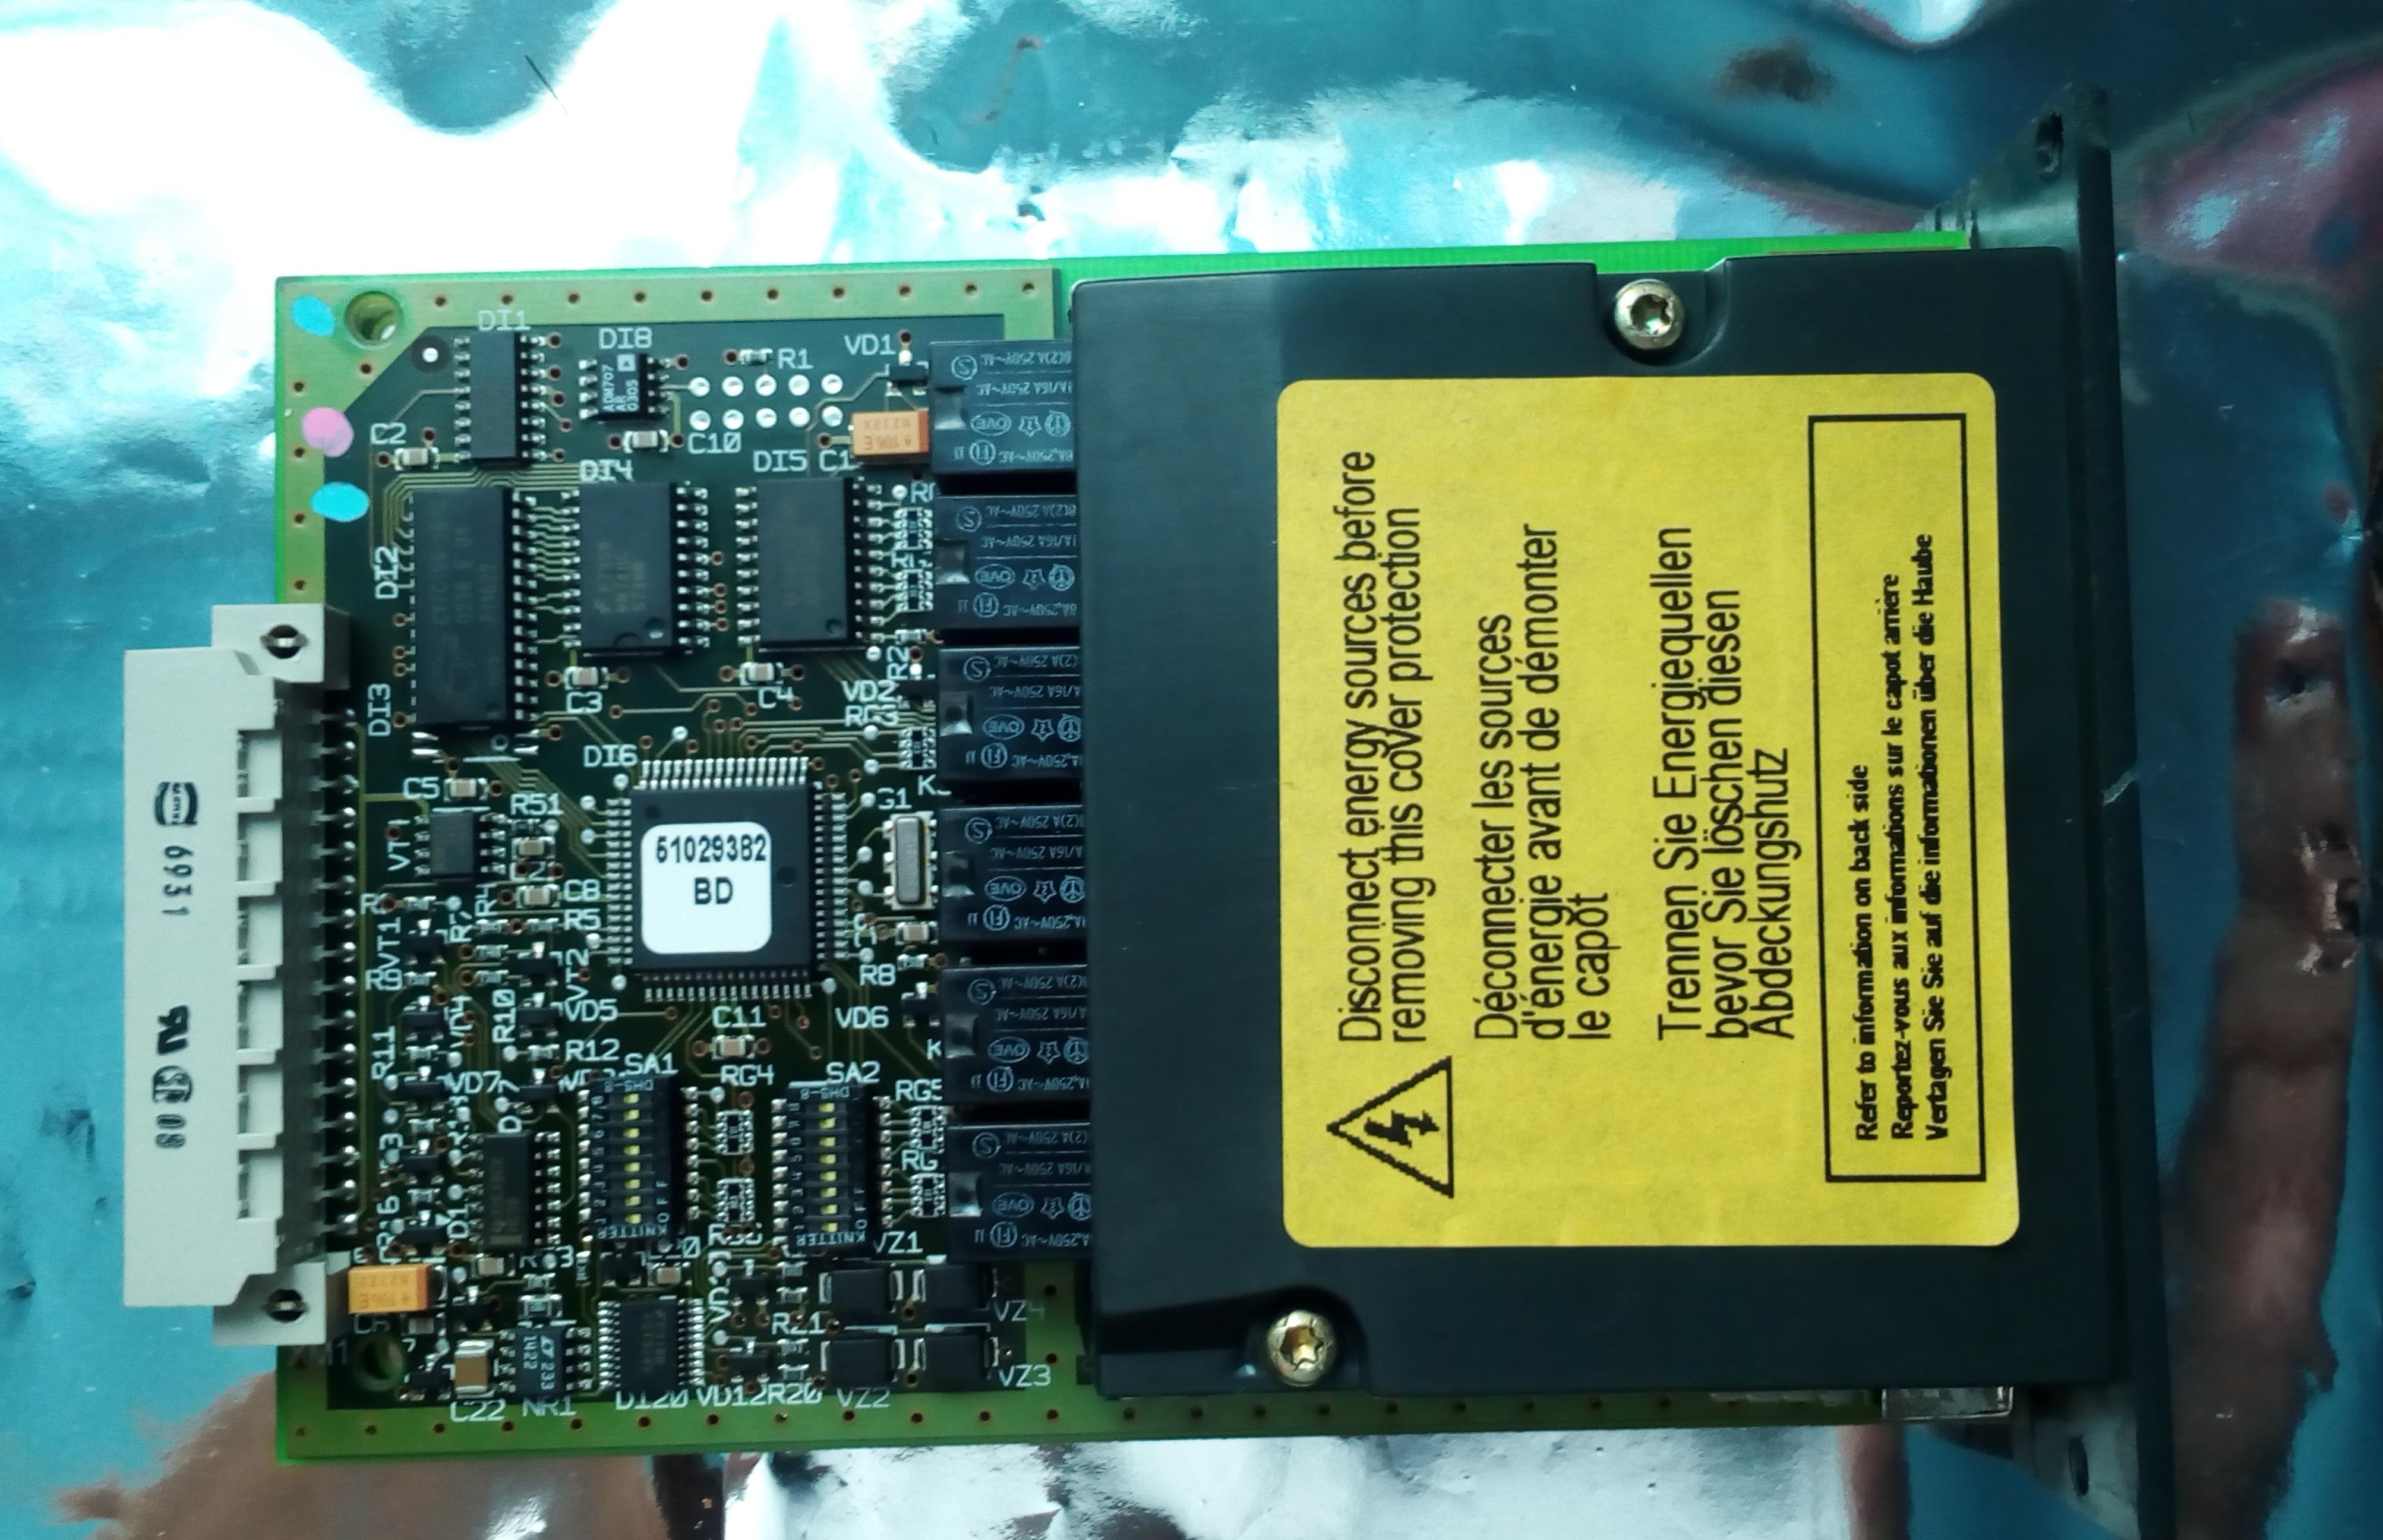 Alt/ímetro electr/ónico GPS FR510 ABS IPX4 Navegaci/ón impermeable al aire libre//Medidor de altitud//Br/újula de temperatura y humedad//Indicador de tendencia clim/ática//Medici/ón de altitud//Bar/ómetro